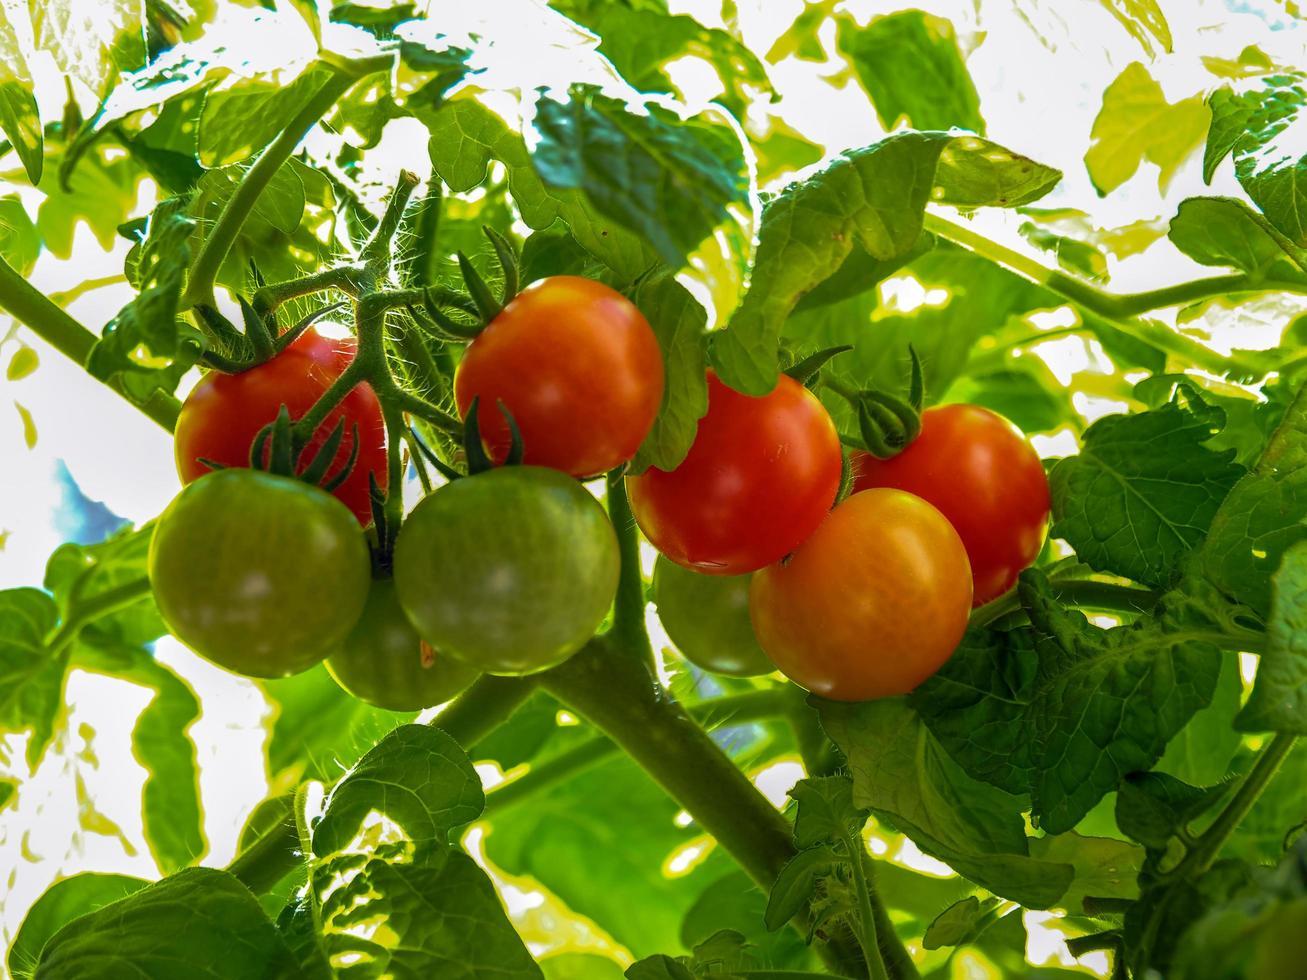 tomates mûres et non mûres se développant sur une ferme photo